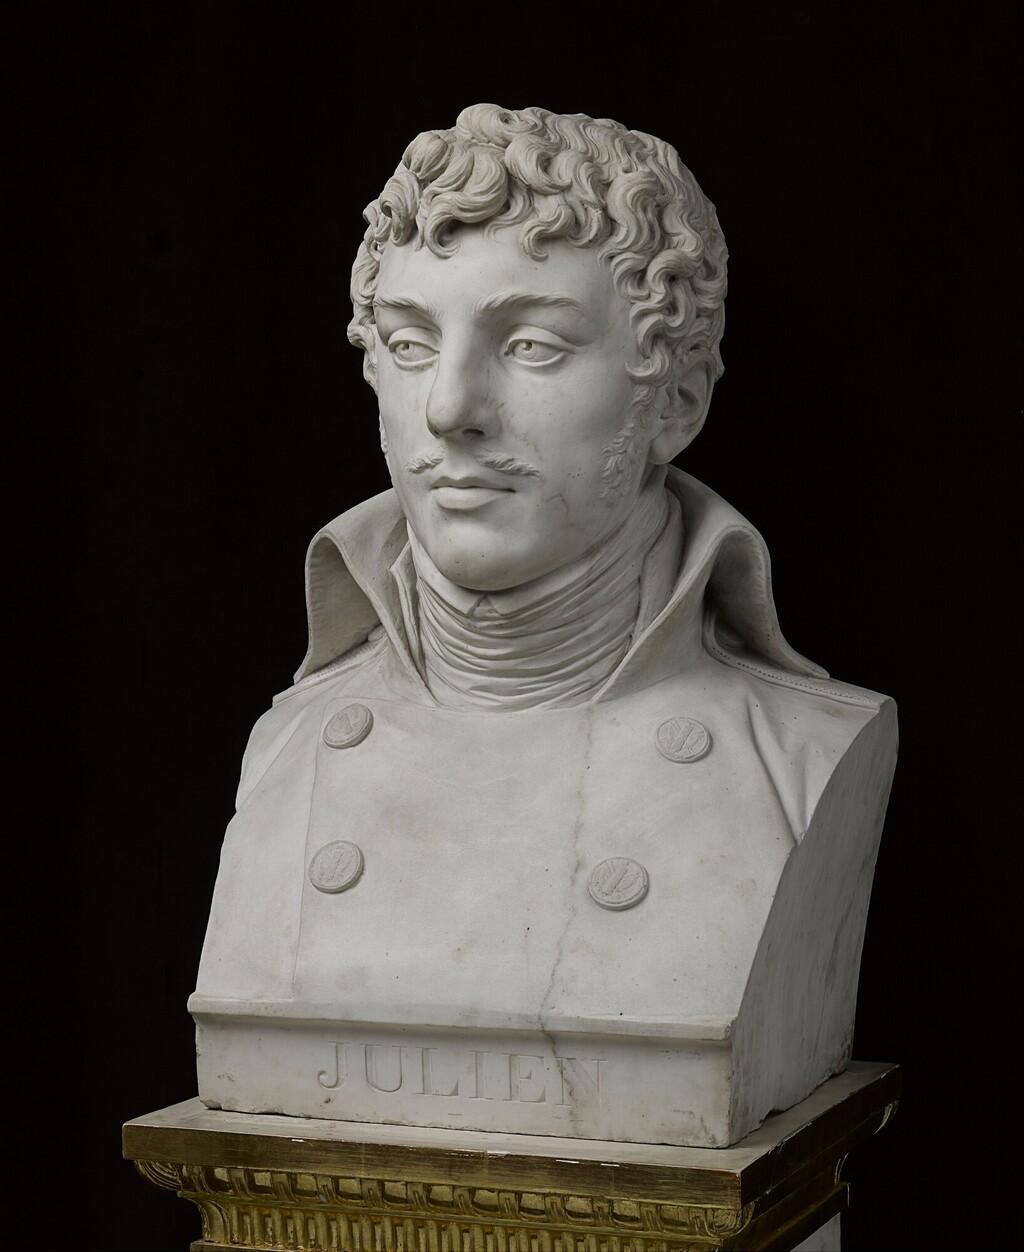 Bonaparte et la campagne d'Egypte (1798 - 1801) - Page 2 Image476